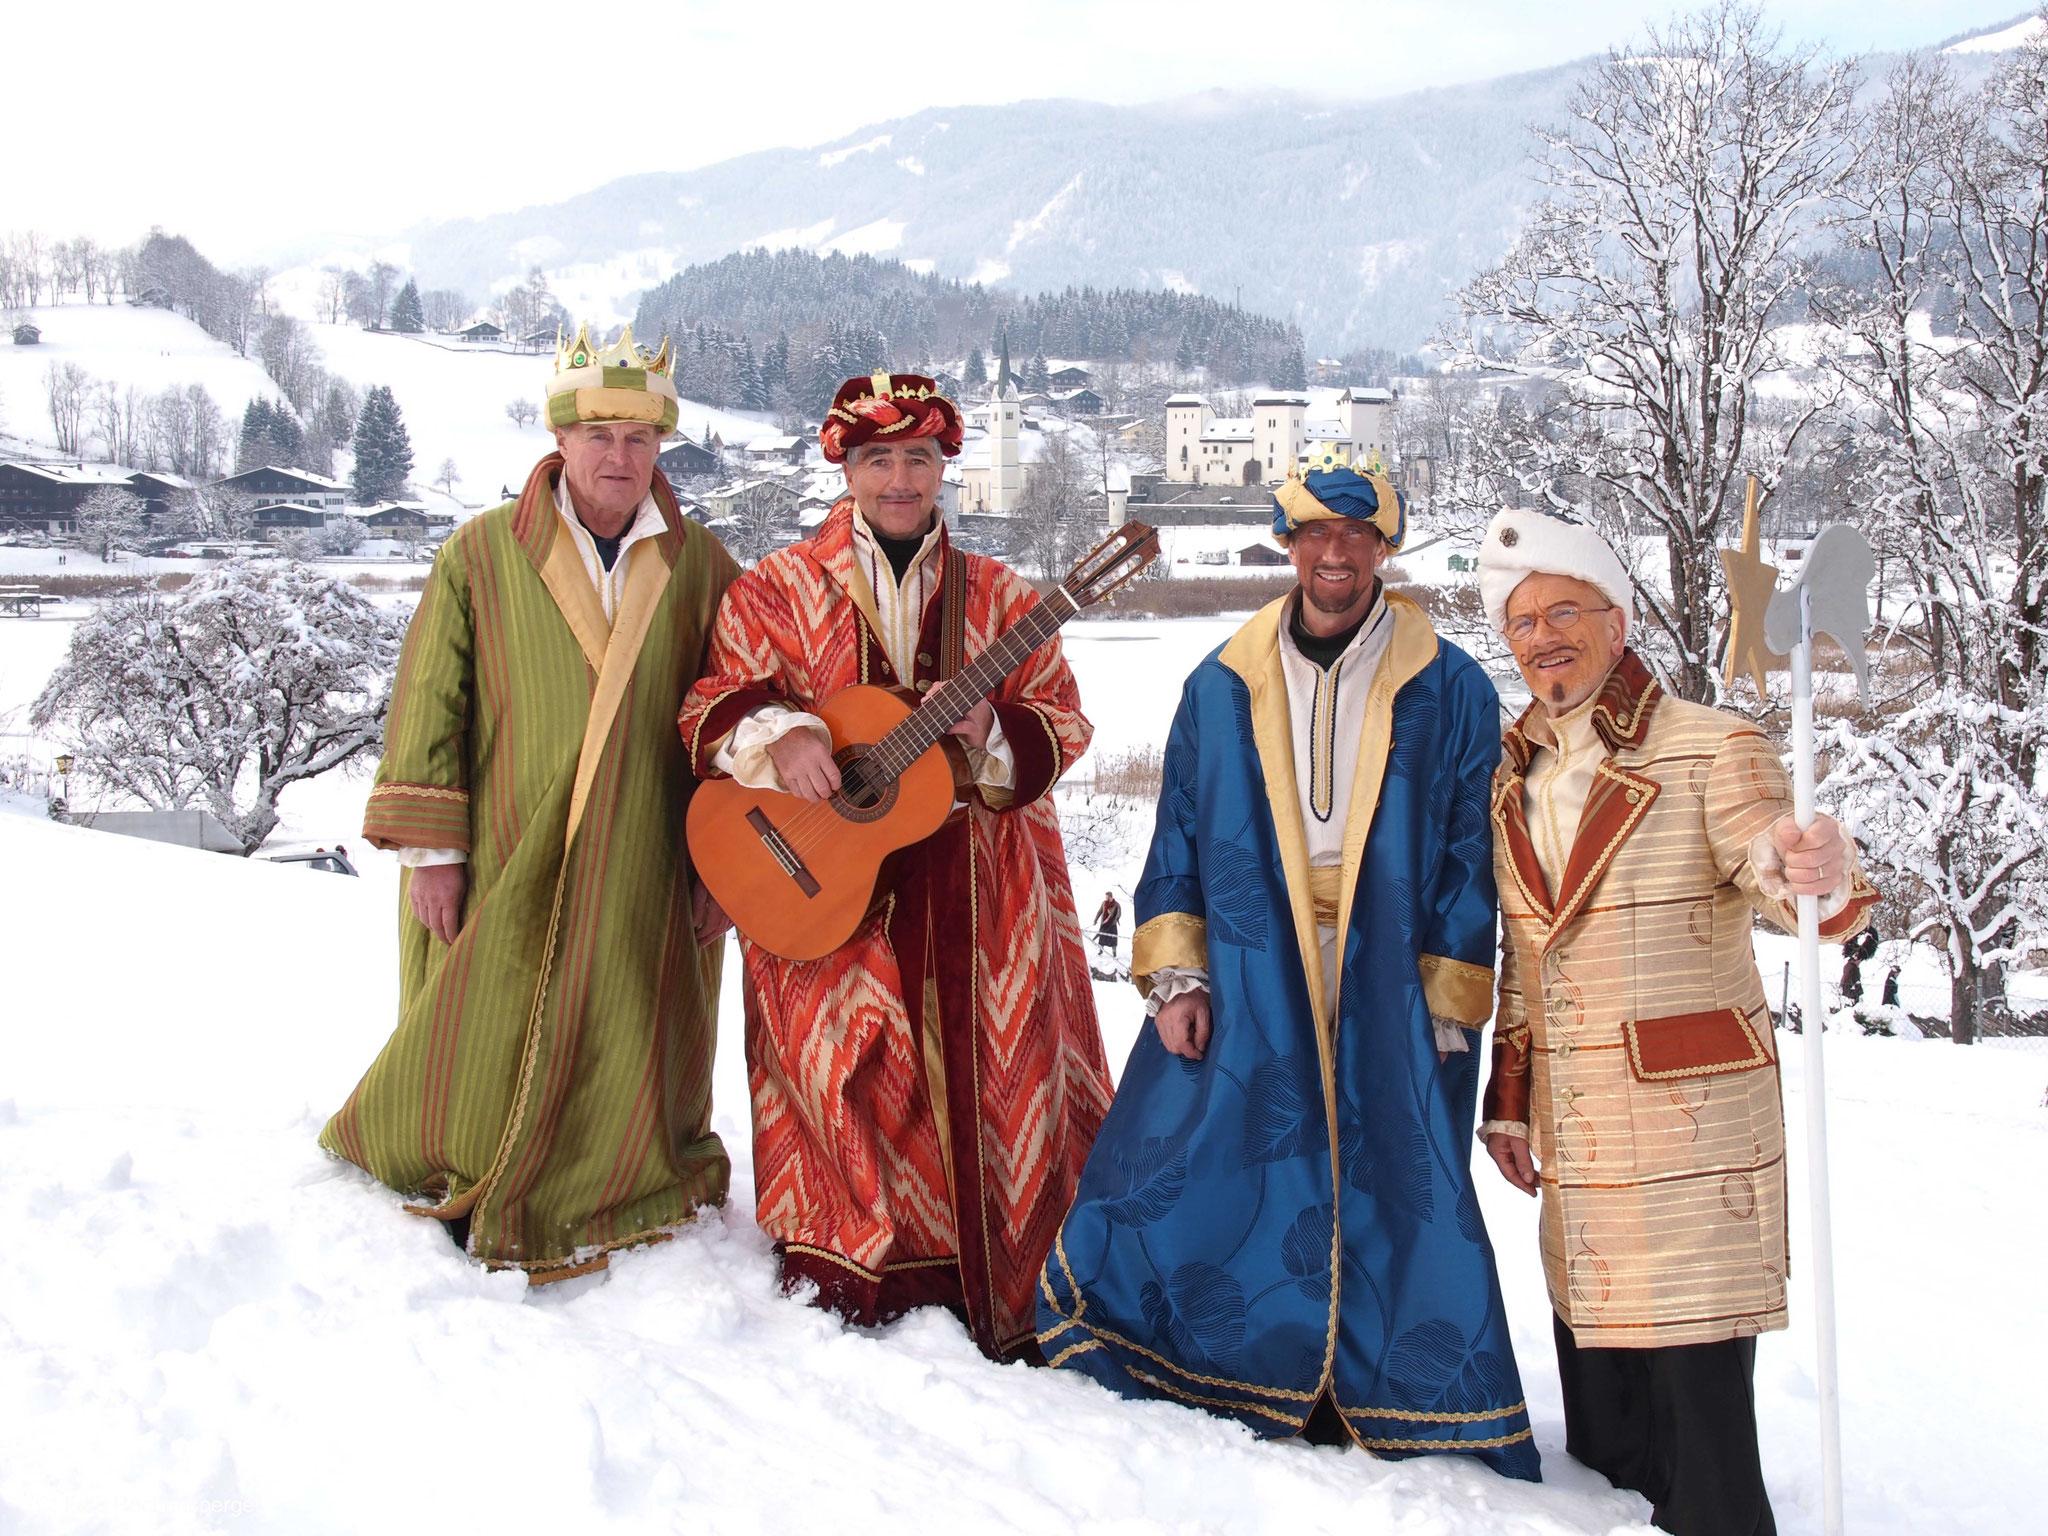 Pongauer Perchtenumzug - Heiligen 3 Könige